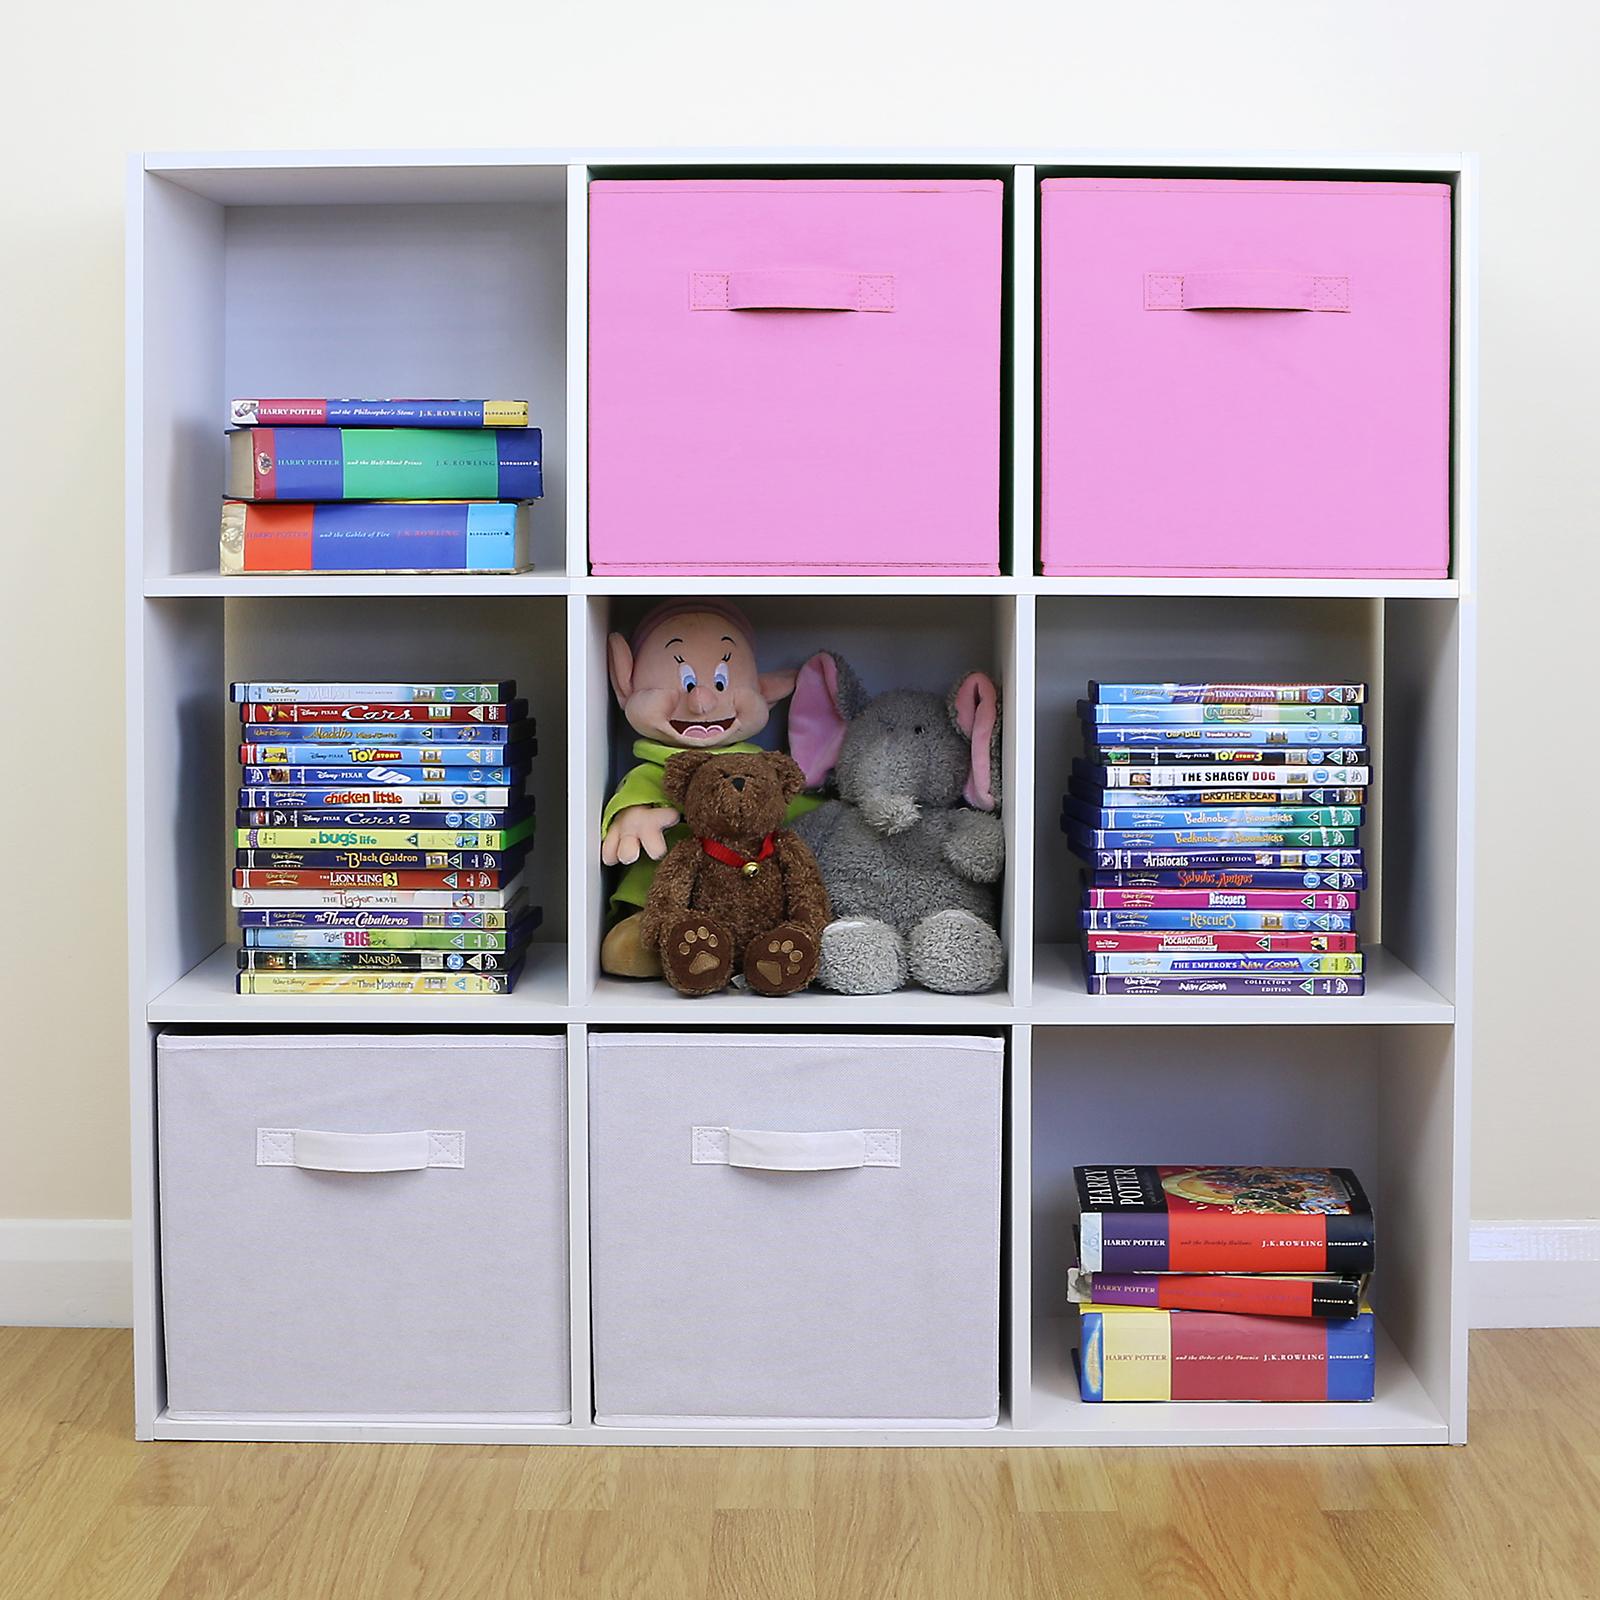 White 6 Cube Kids Toy Games Storage Unit Girls Boys: 9 Cube Kids Pink & White Toy/Games Storage Unit Girls/Boys